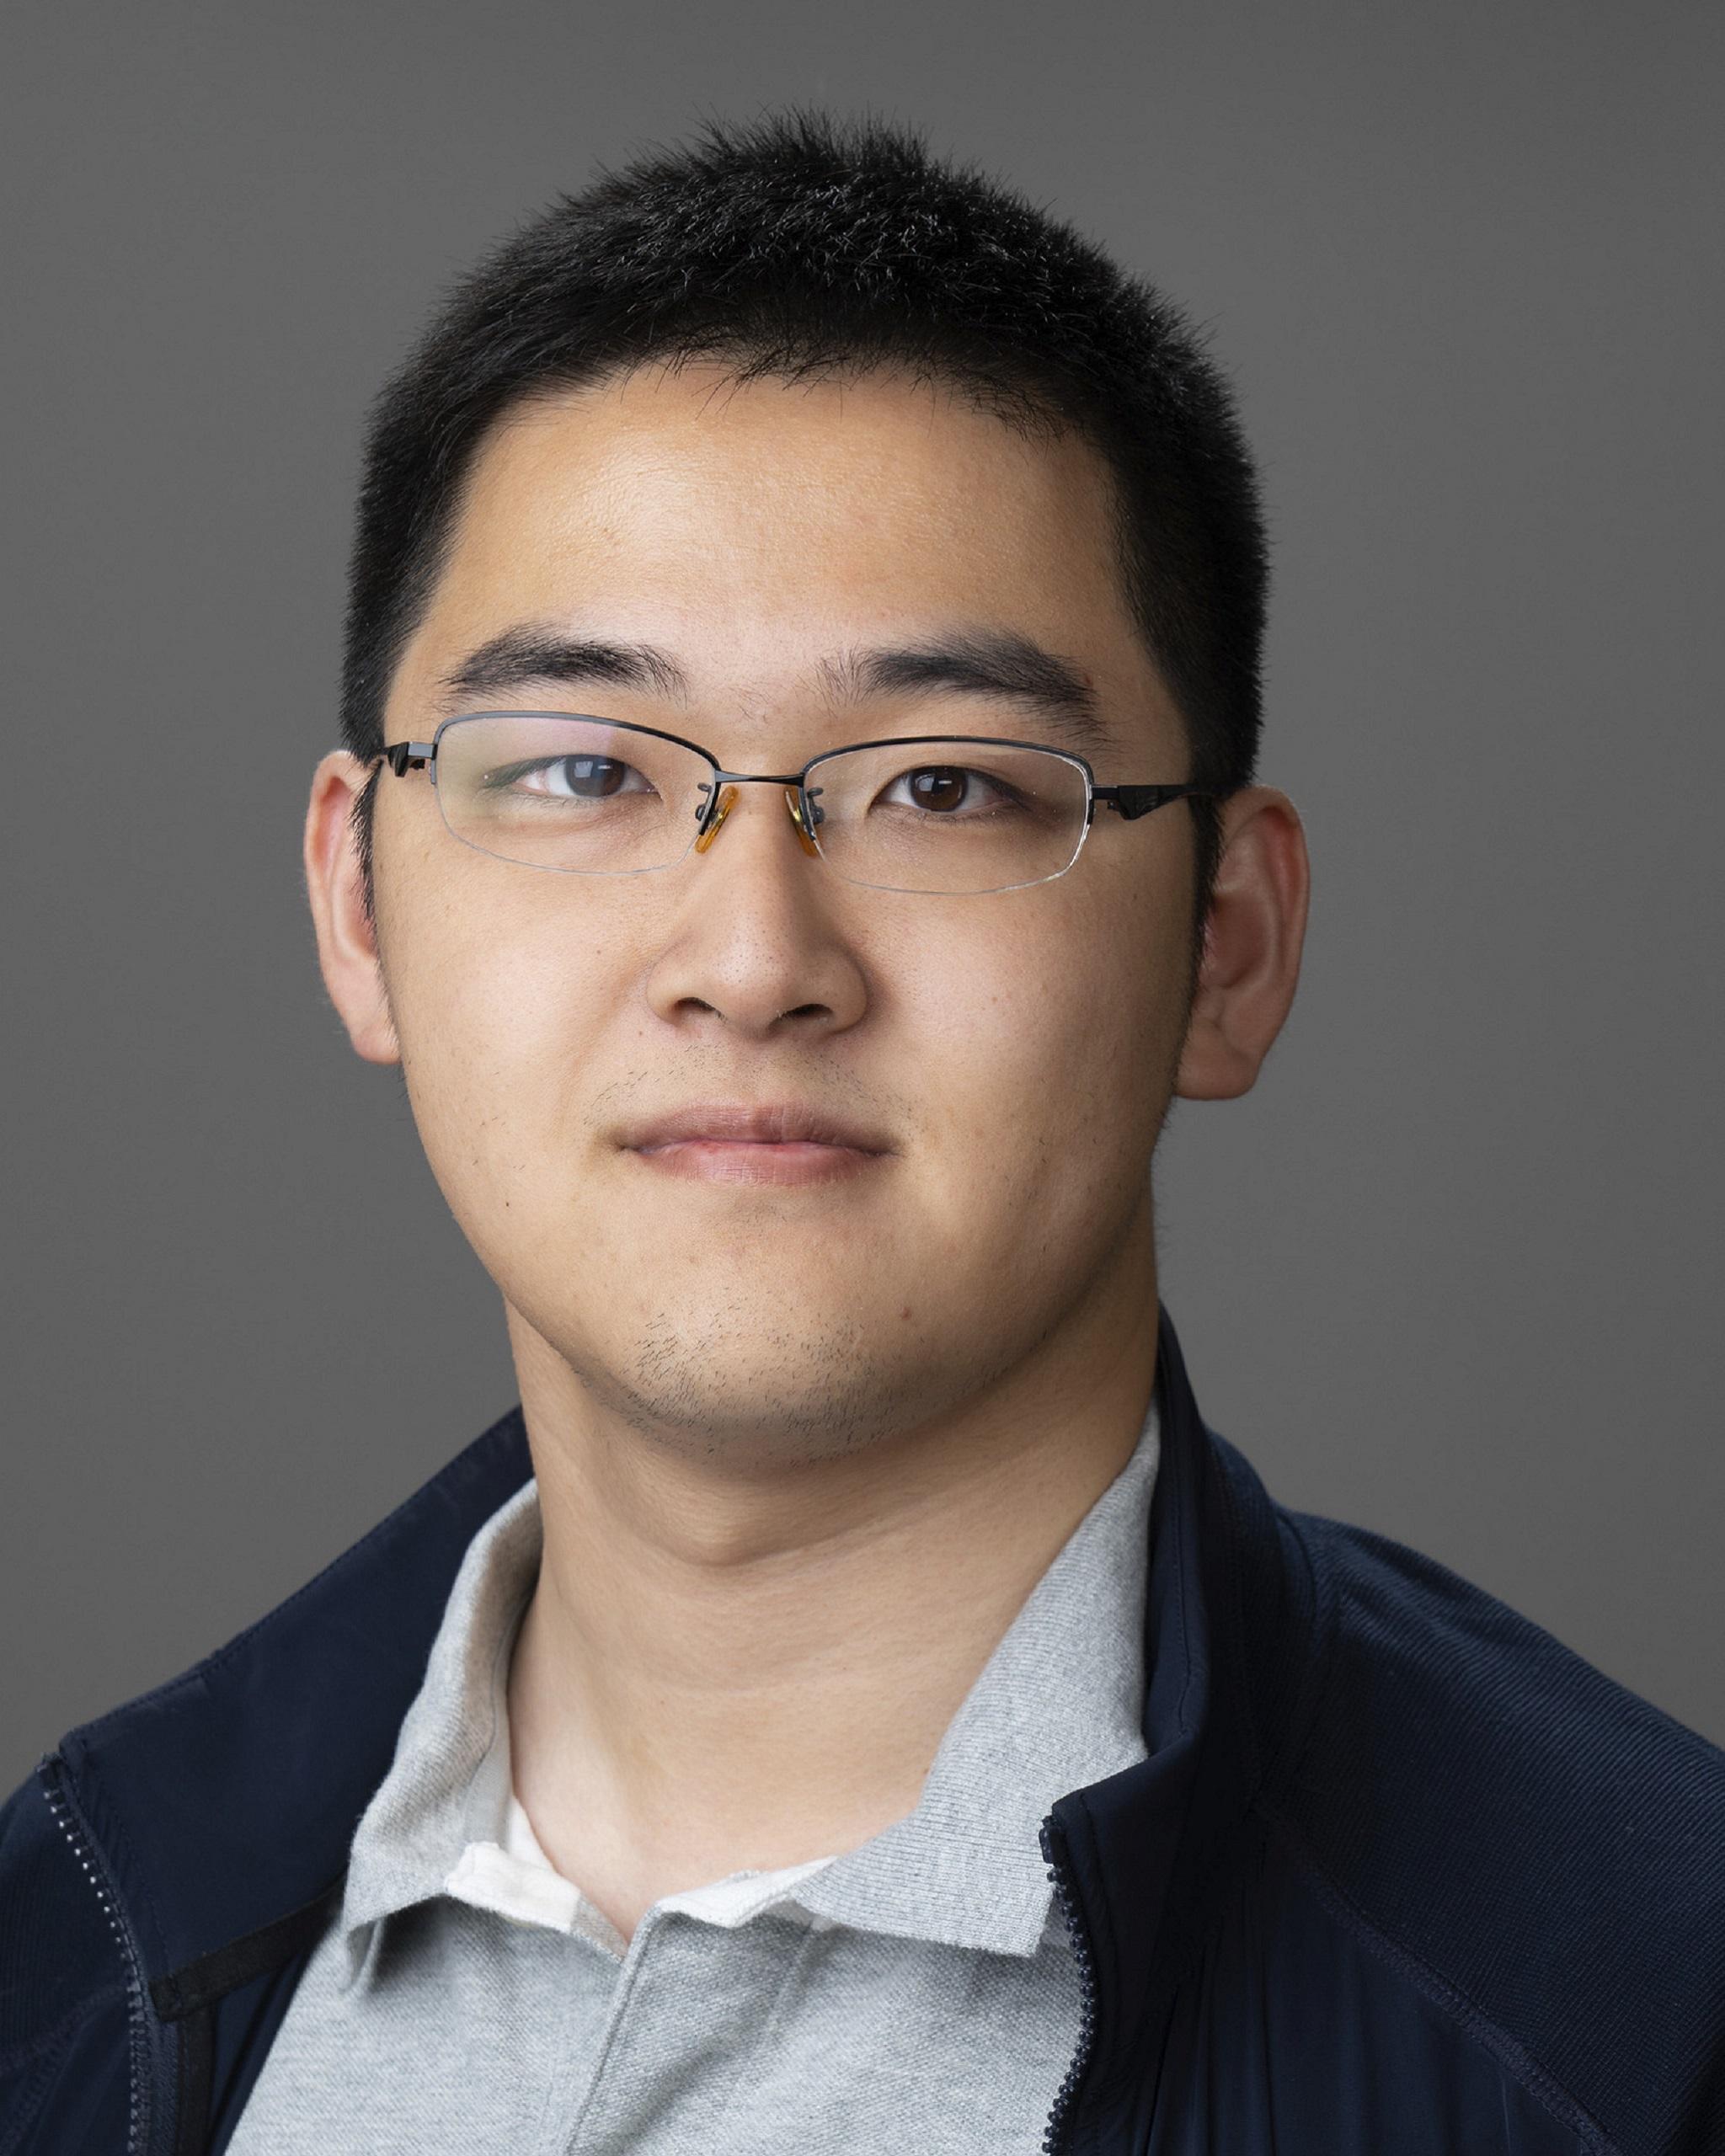 Haonan Wang